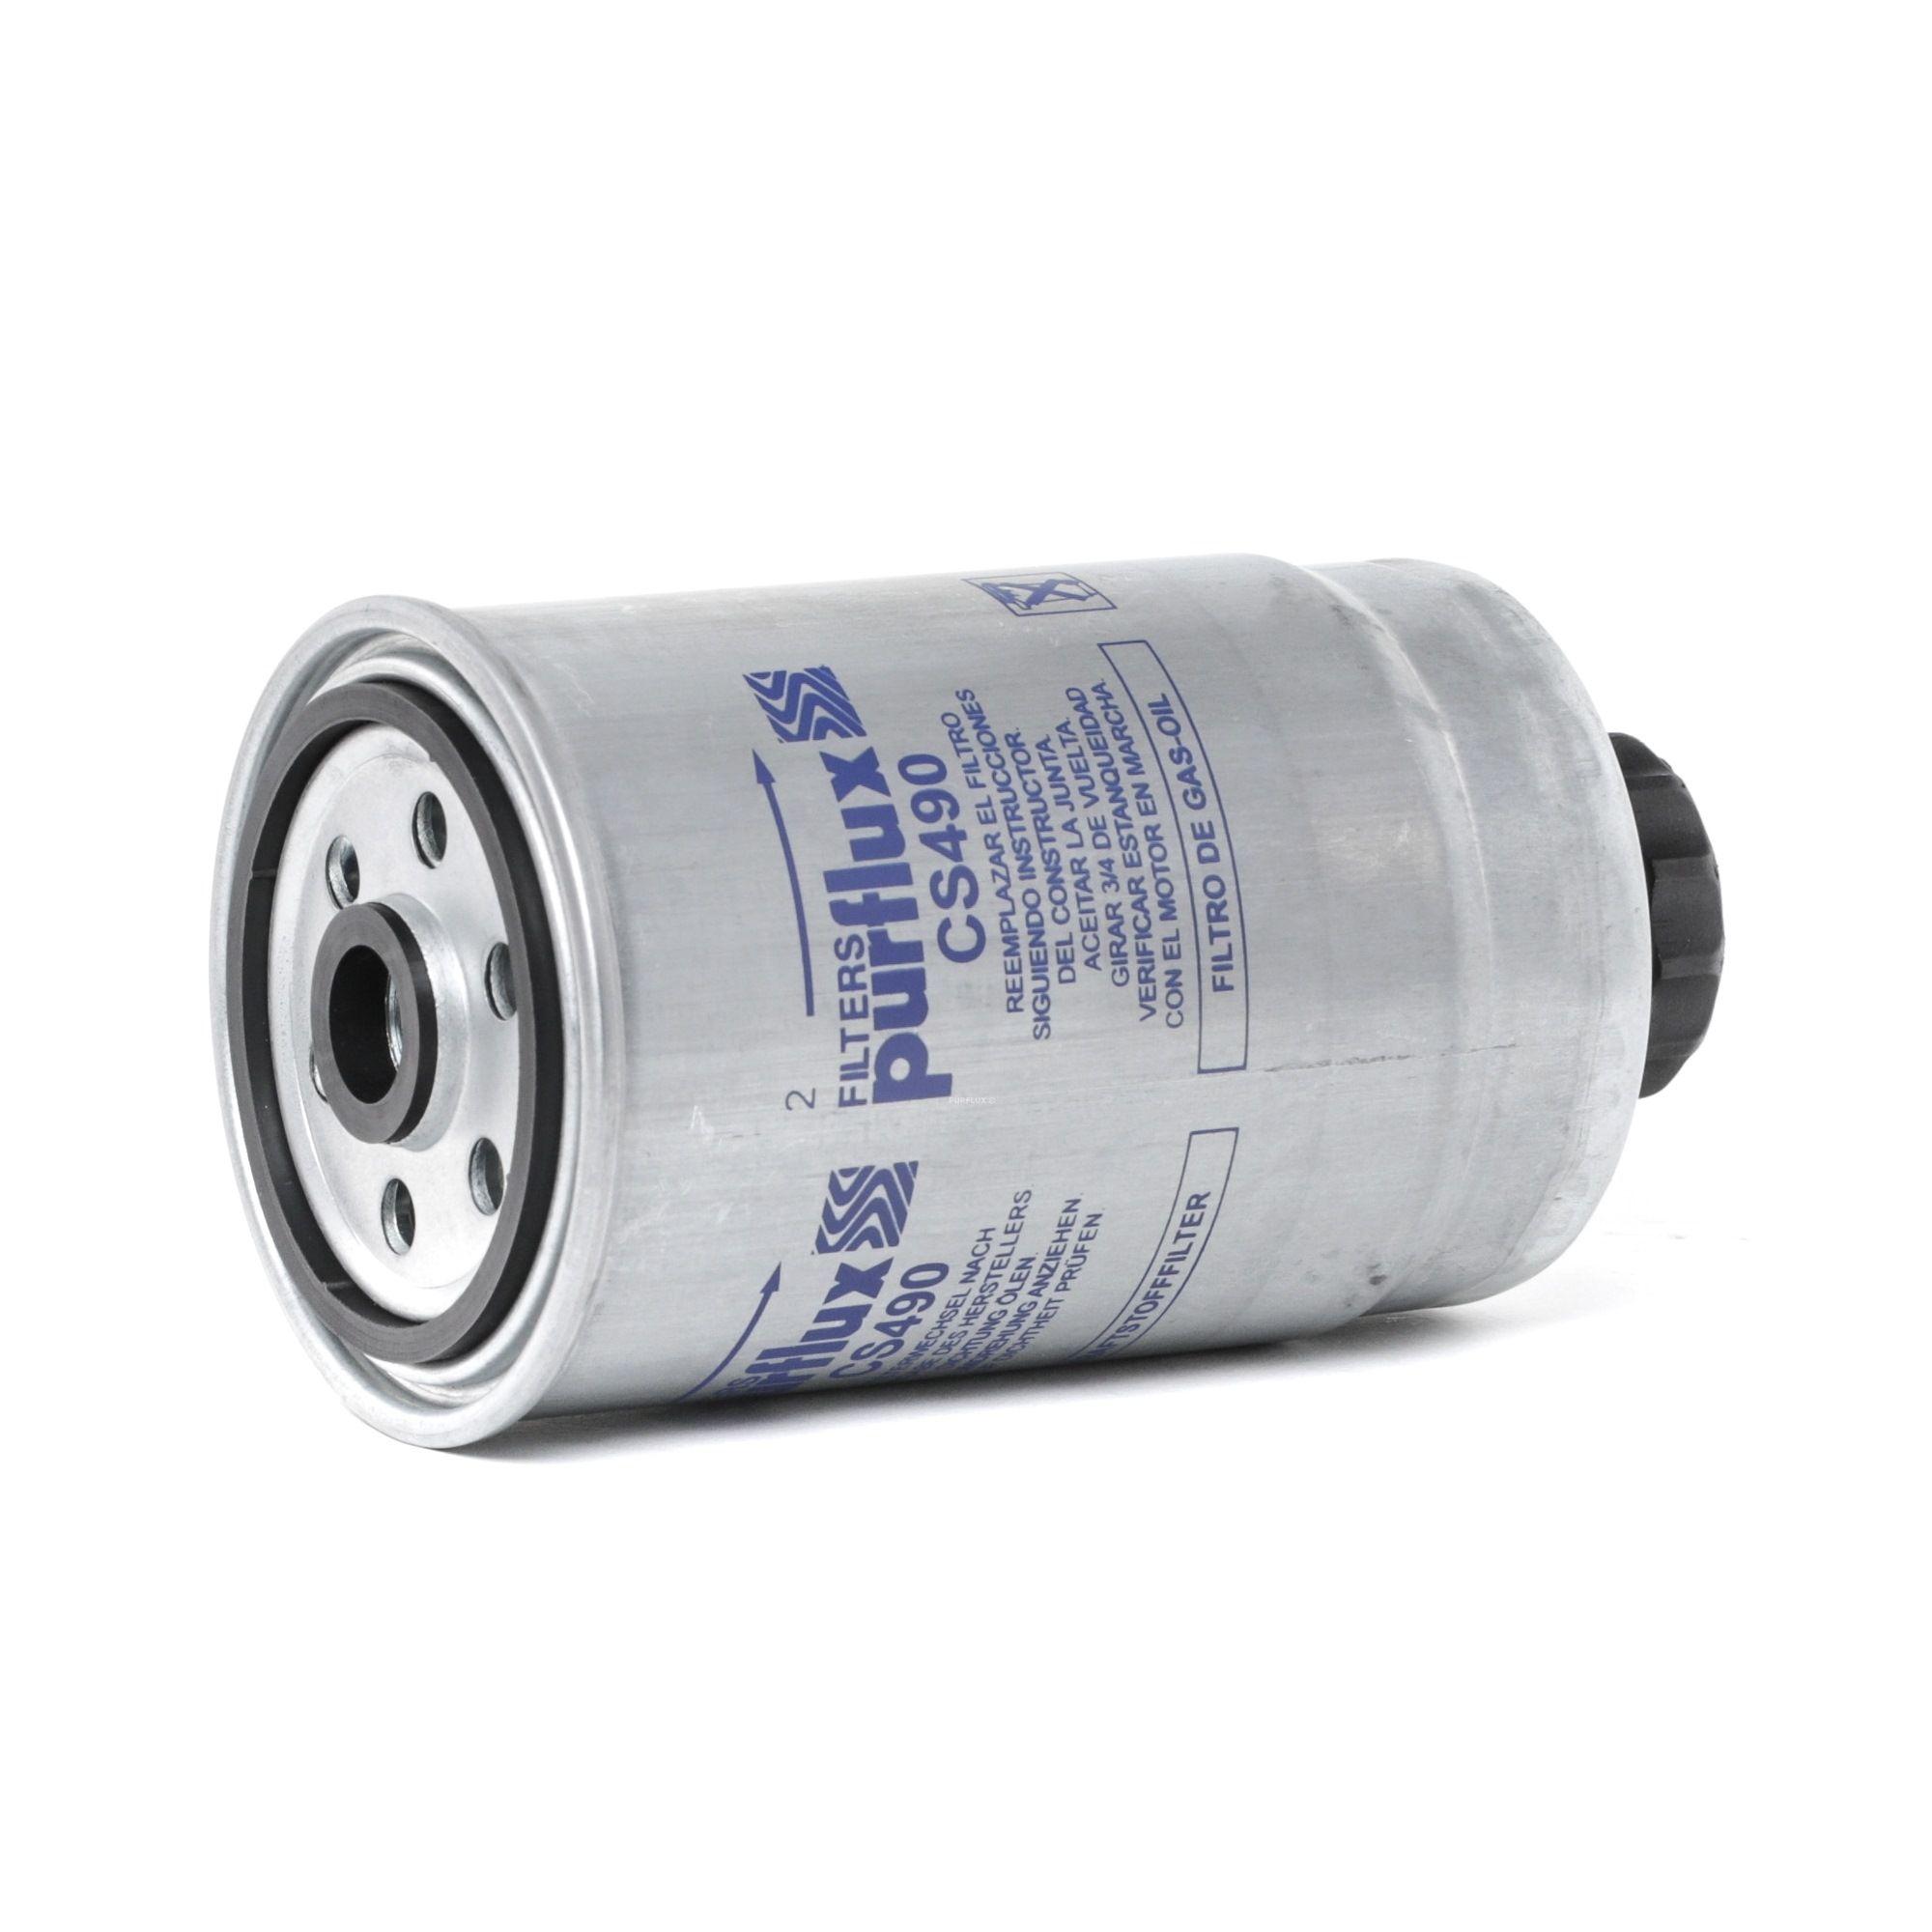 Achat de CS490 PURFLUX Cartouche filtrante Hauteur: 157mm Filtre à carburant CS490 pas chères